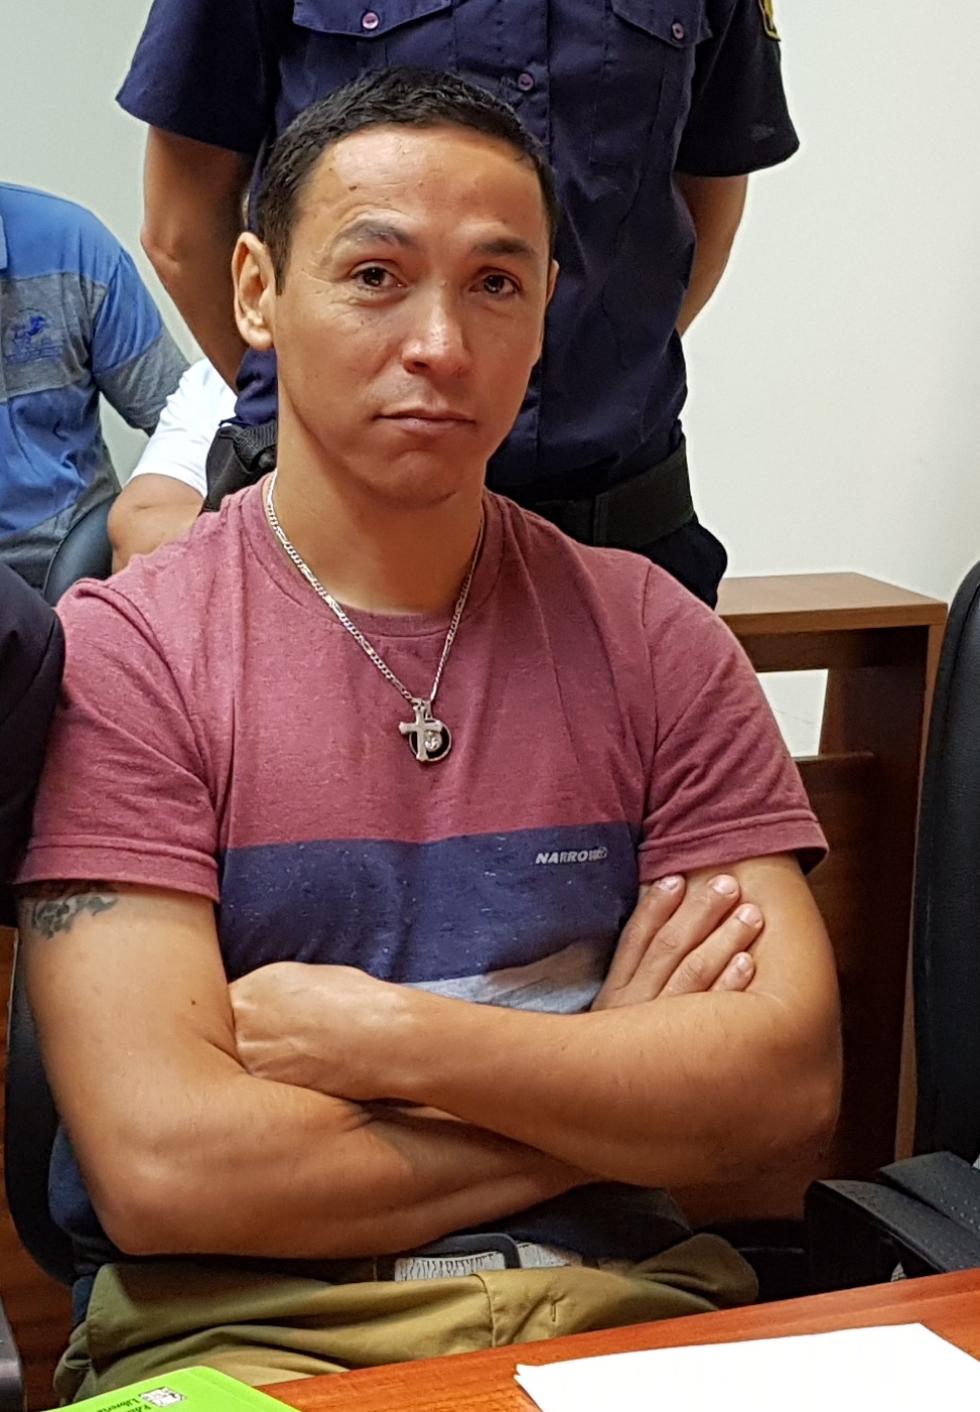 Juan Valdez en tribunales mirando la cámara de ReconquistaHOY.jpg